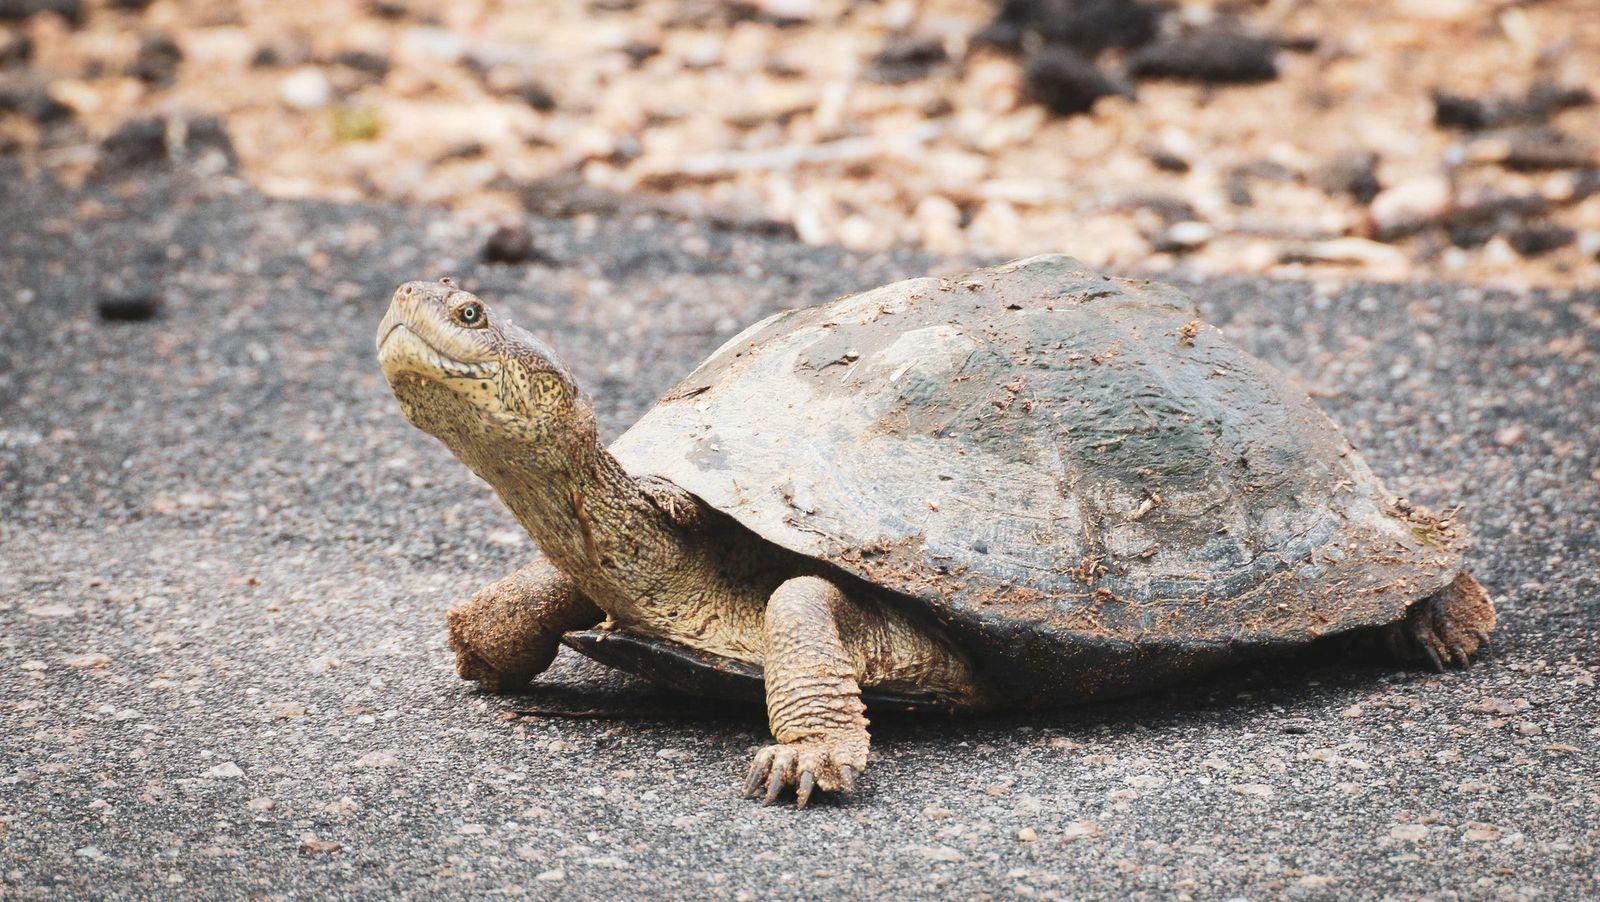 Parasites in turtles - Vetster